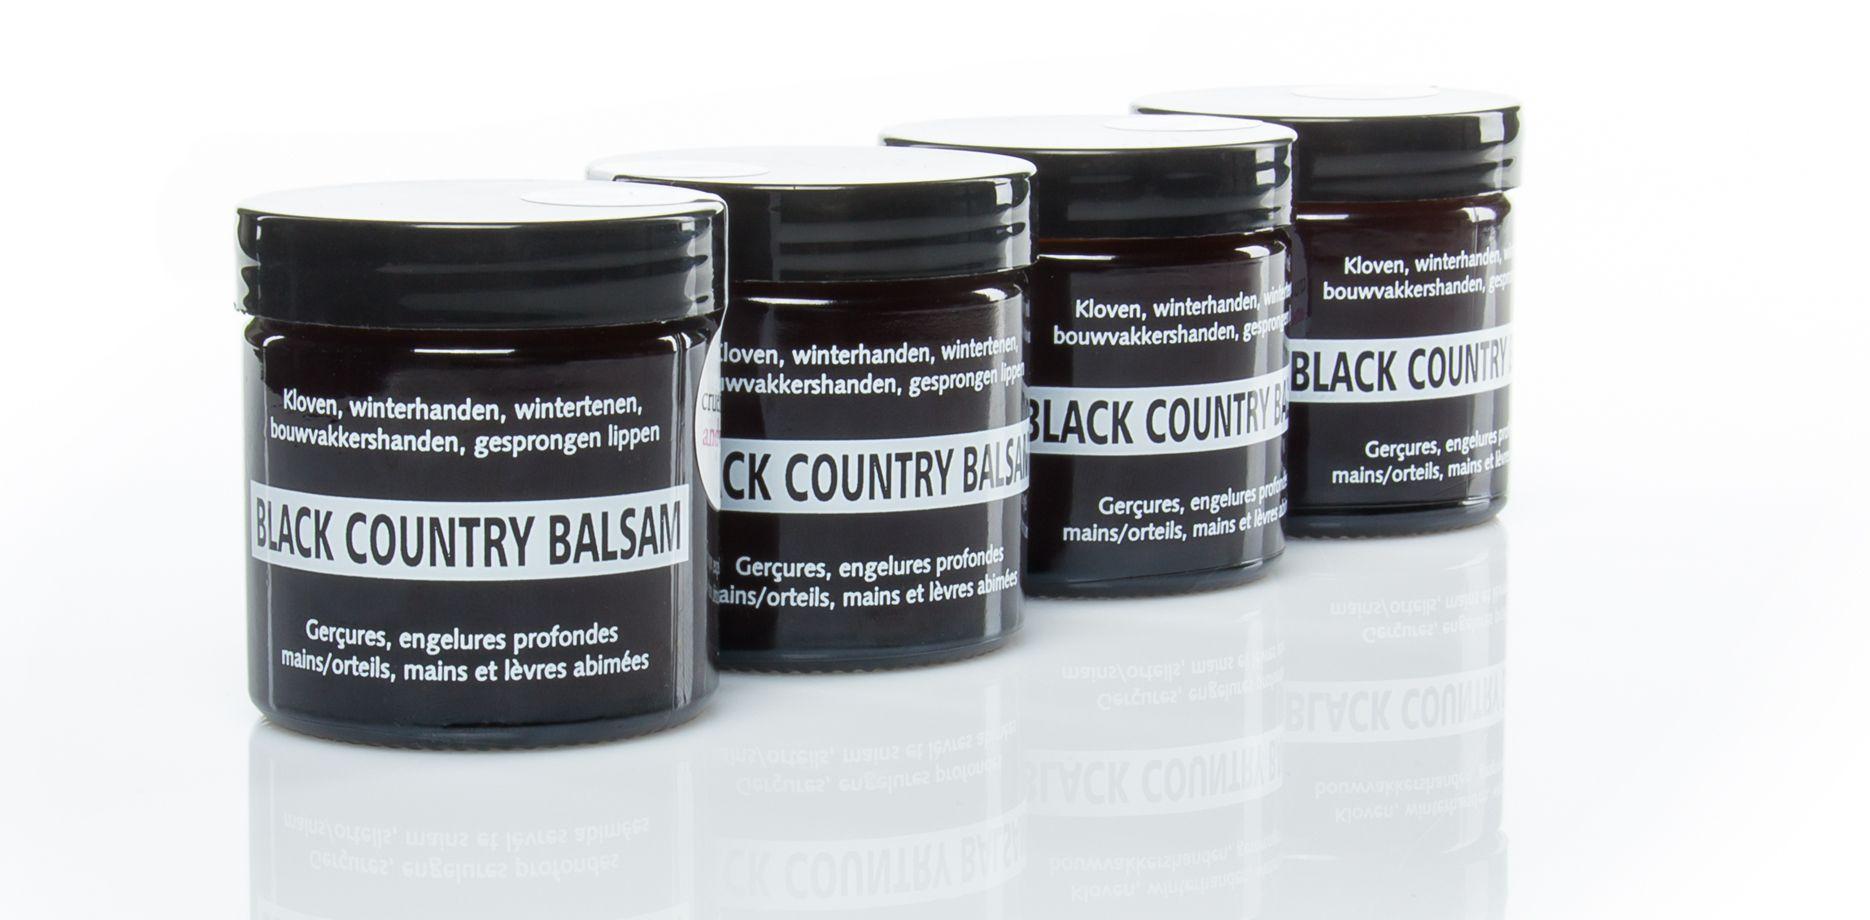 Black Country Balsam Potjes